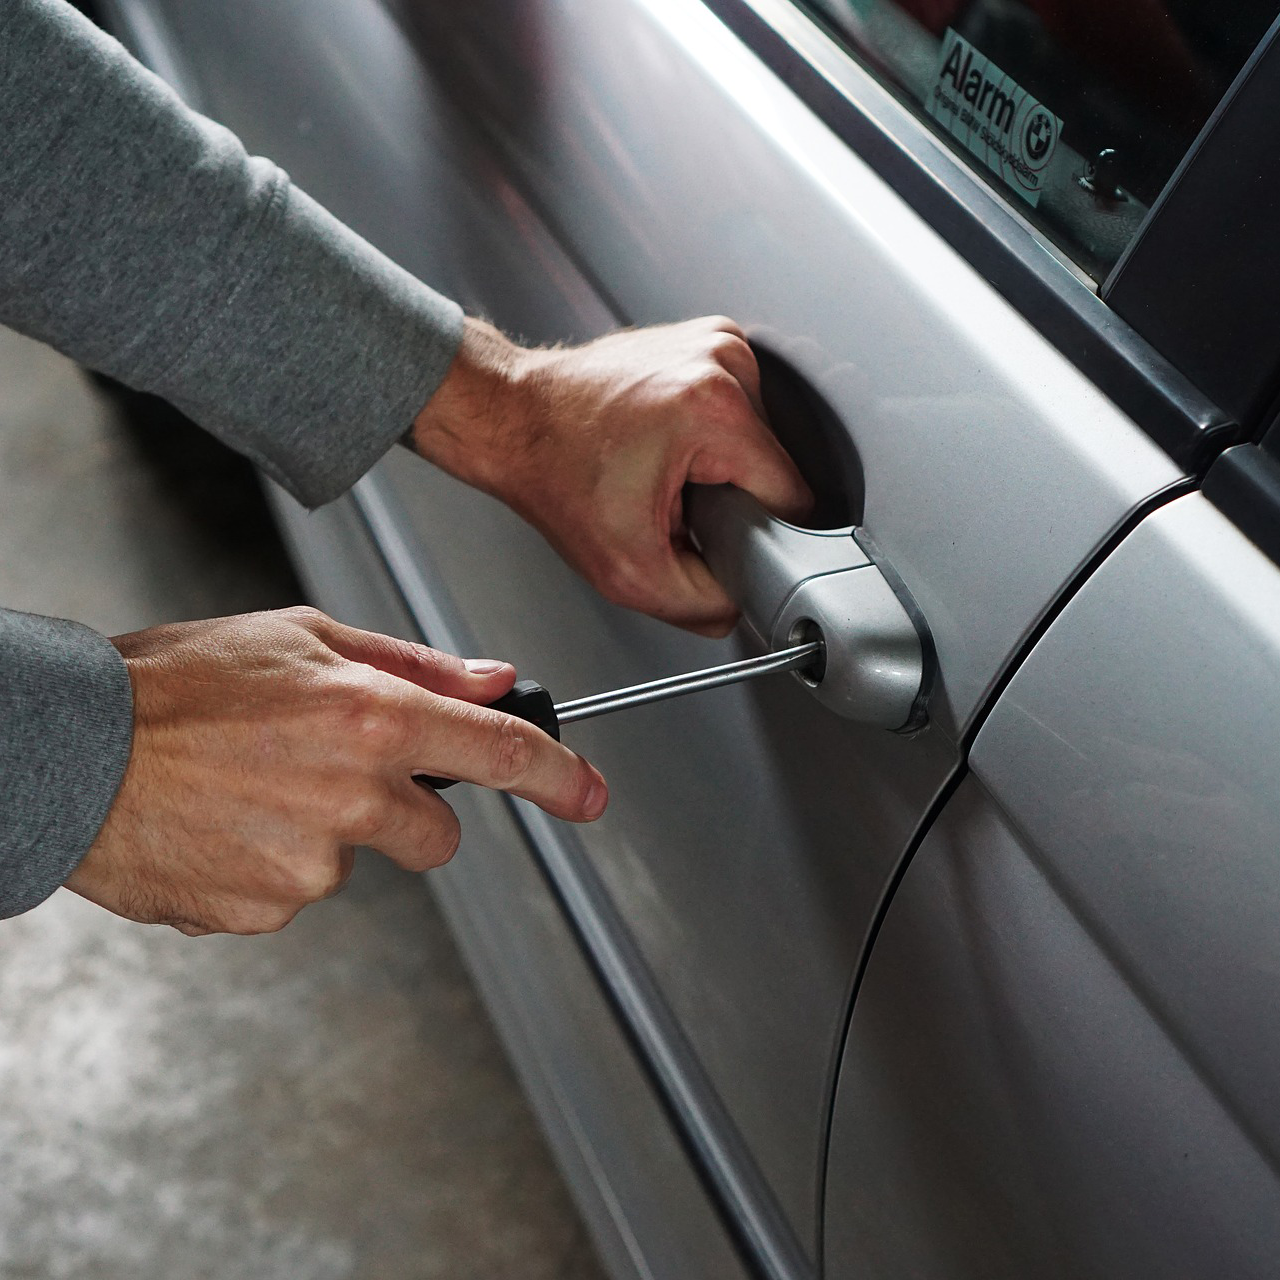 Tips om autodiefstal te voorkomen | Gert Pater